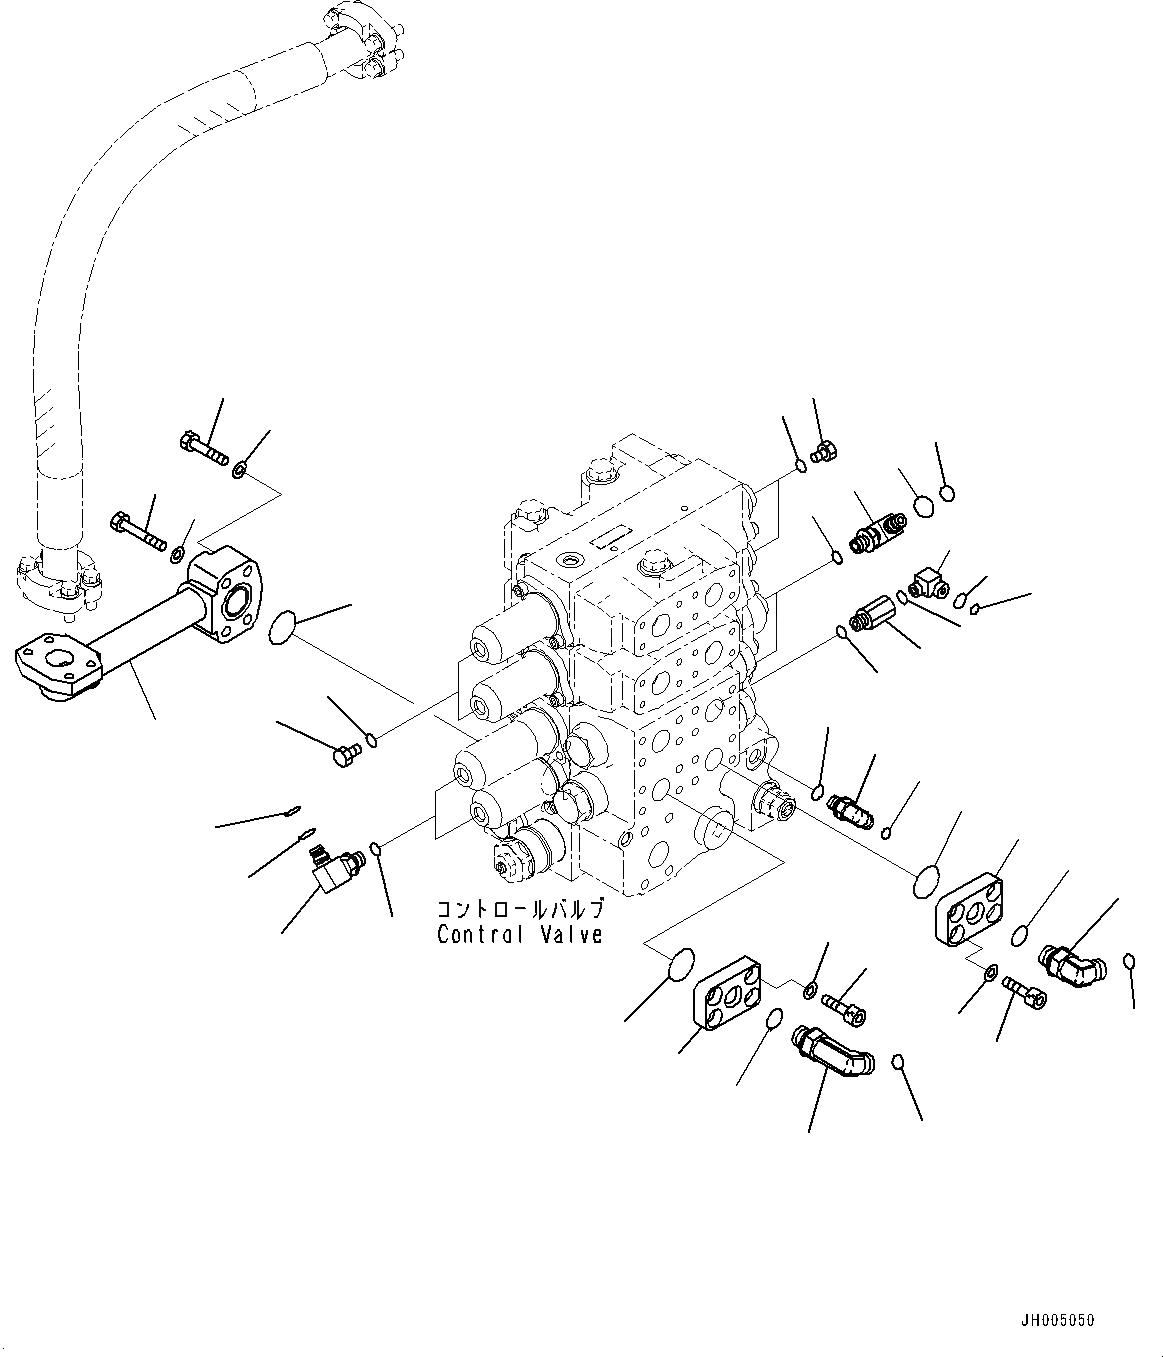 02896-11008 Komatsu УПЛОТНЕНИЕ РЕЗИНОВОЕ